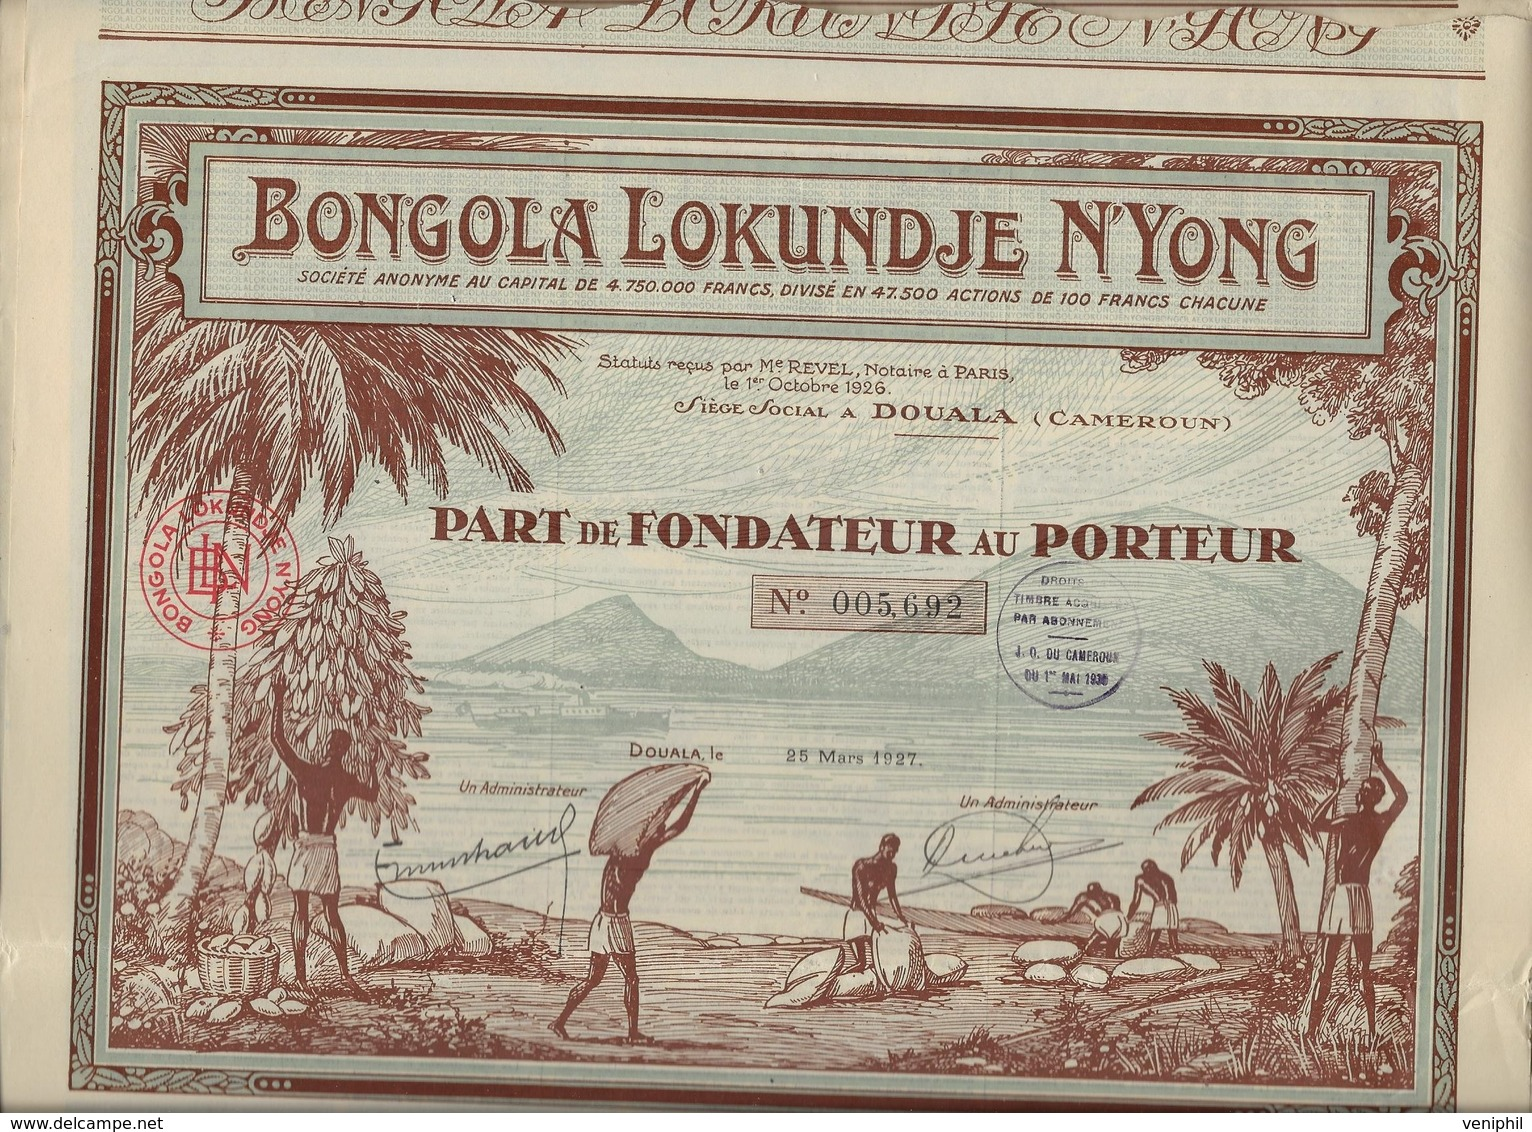 LOT DE 5 PARTS DE FONDATEUR ILLUSTREE -BONGOLA LOKUNDJE N'YONG -DOUALA - CAMEROUN -1927 - Afrique